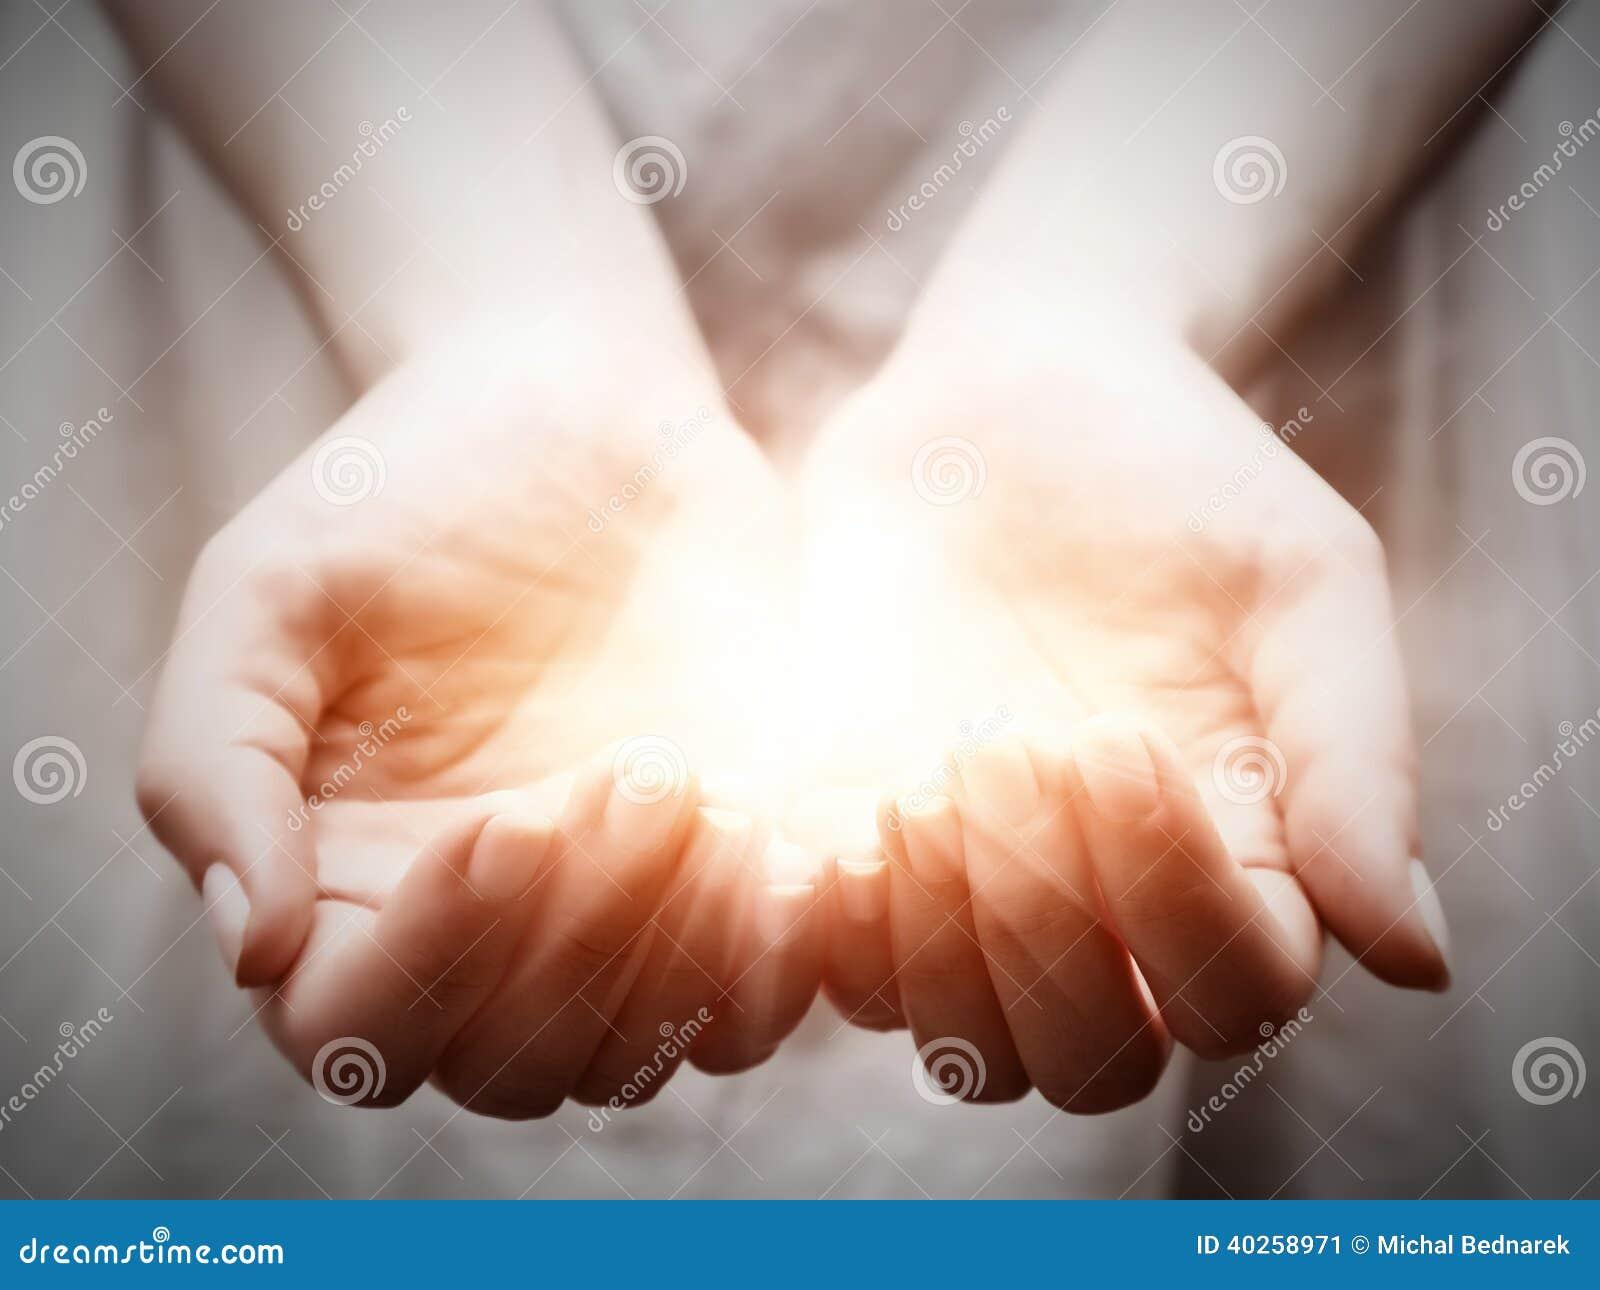 Das Licht in den Händen der jungen Frau. Teilen, Geben, bietend, Schutz an